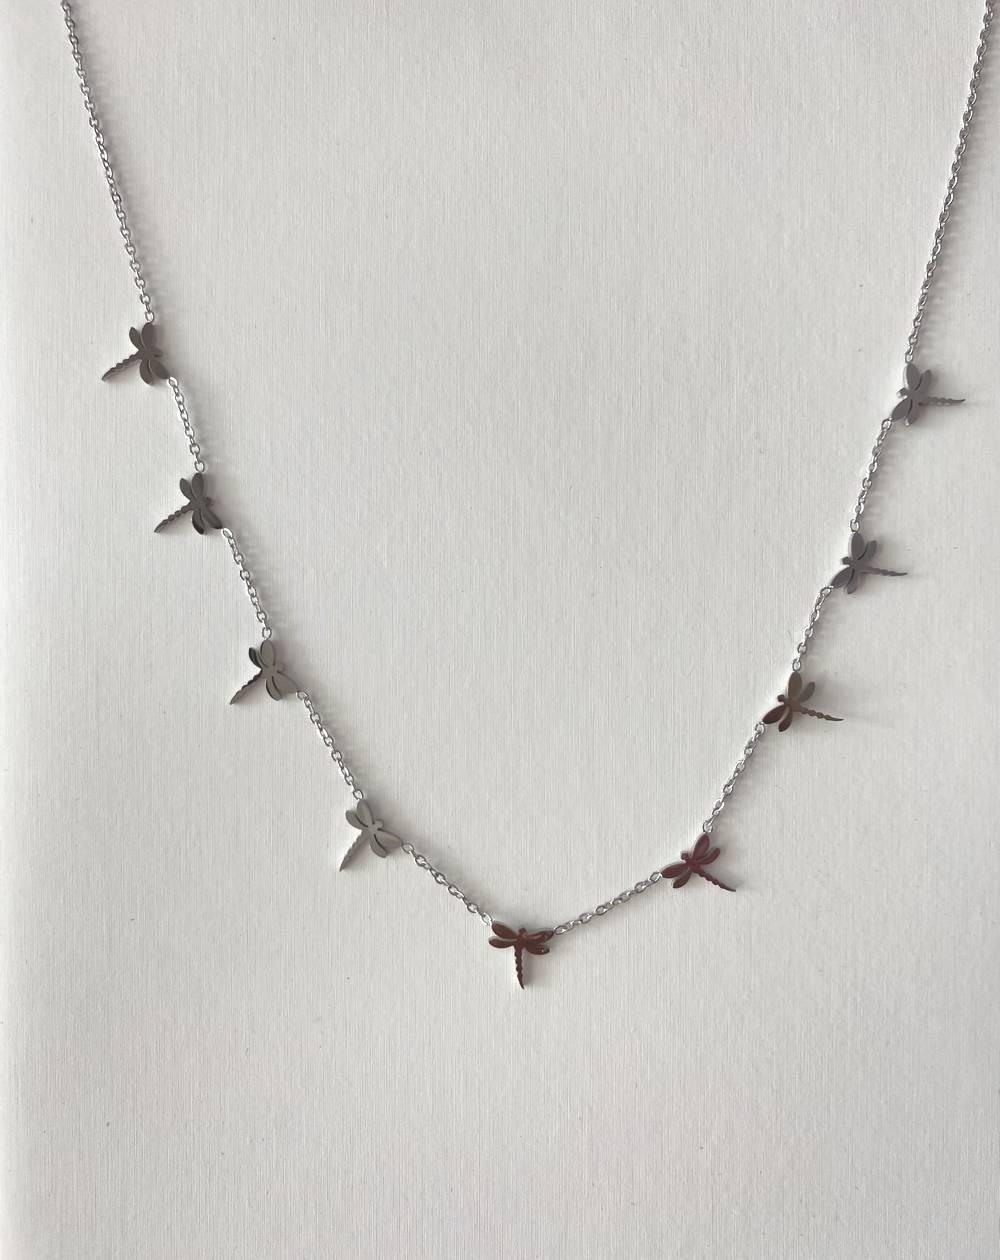 Collier chaîne argenté en acier inoxydable aux libellules